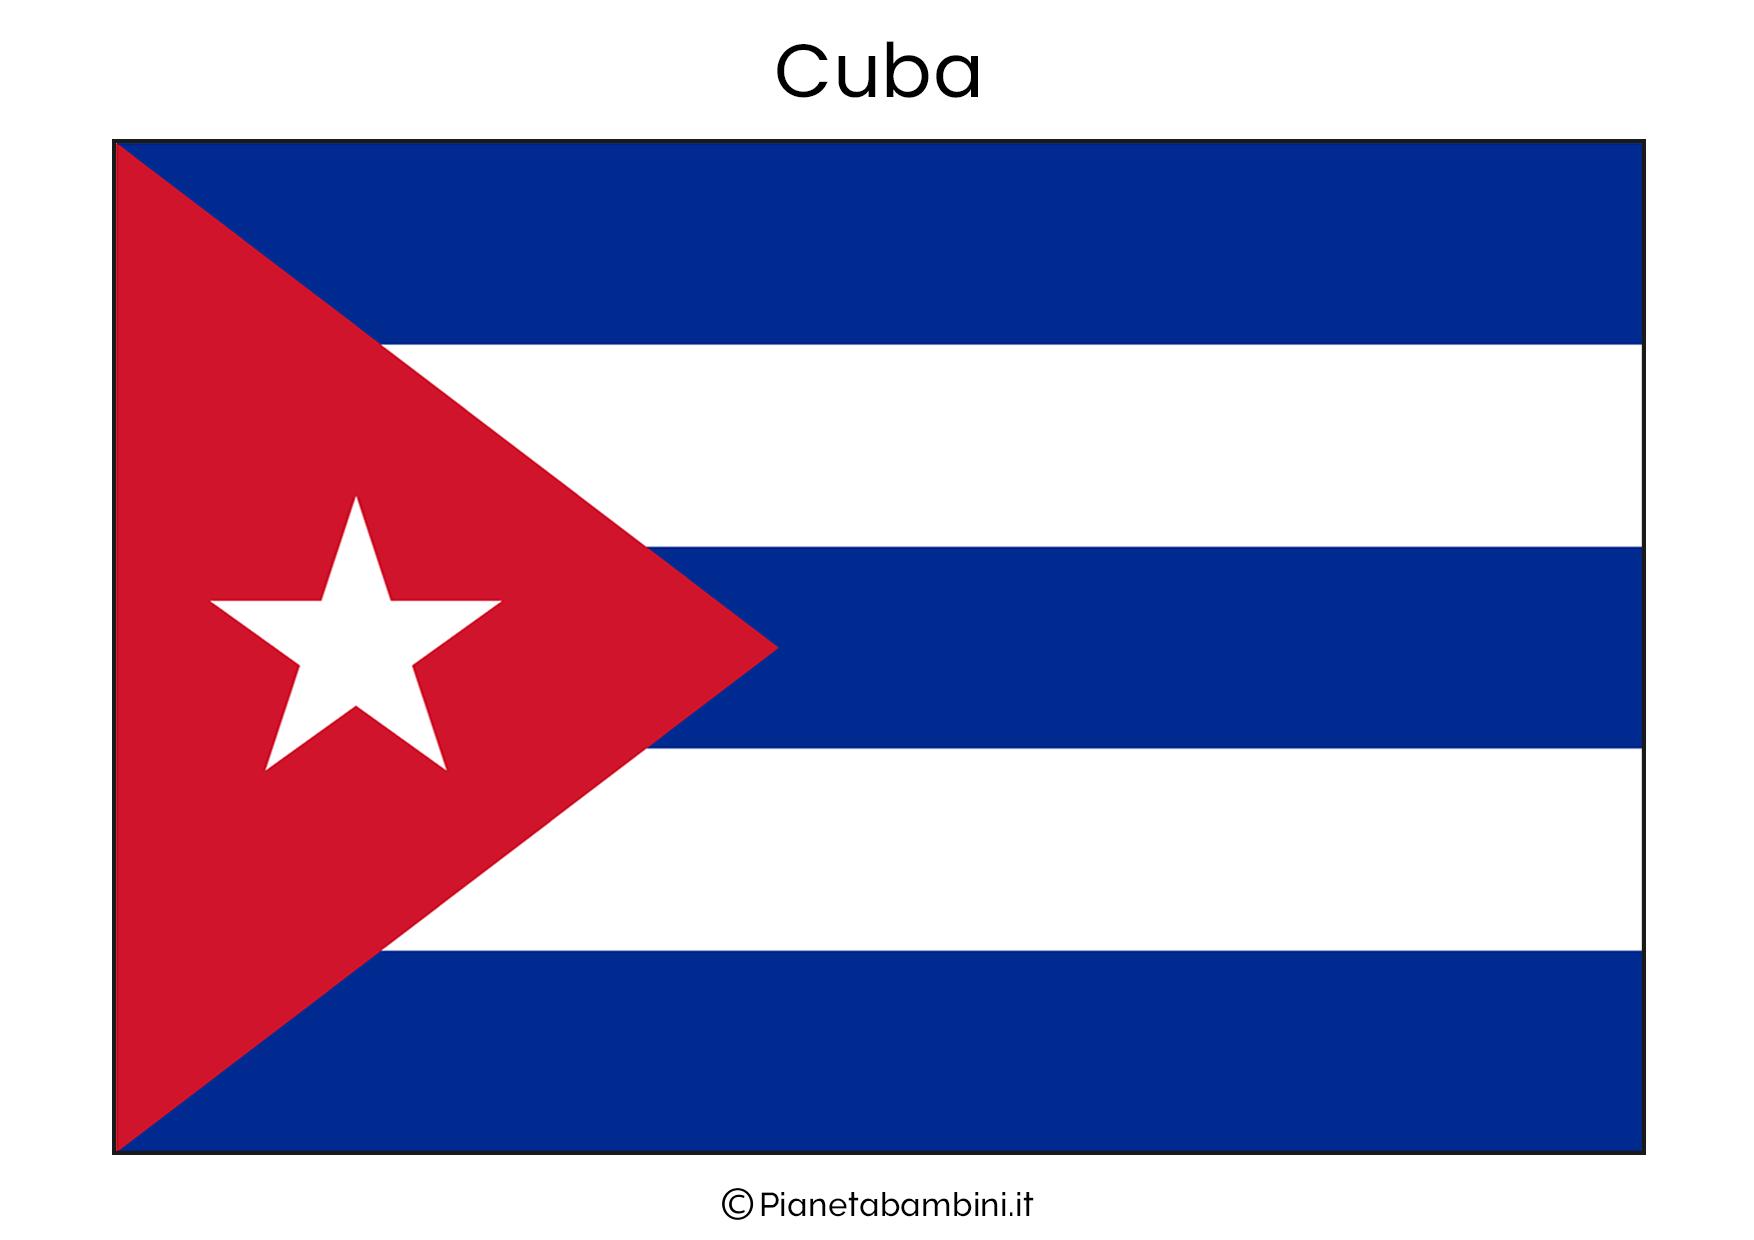 Bandiera di Cuba da stampare